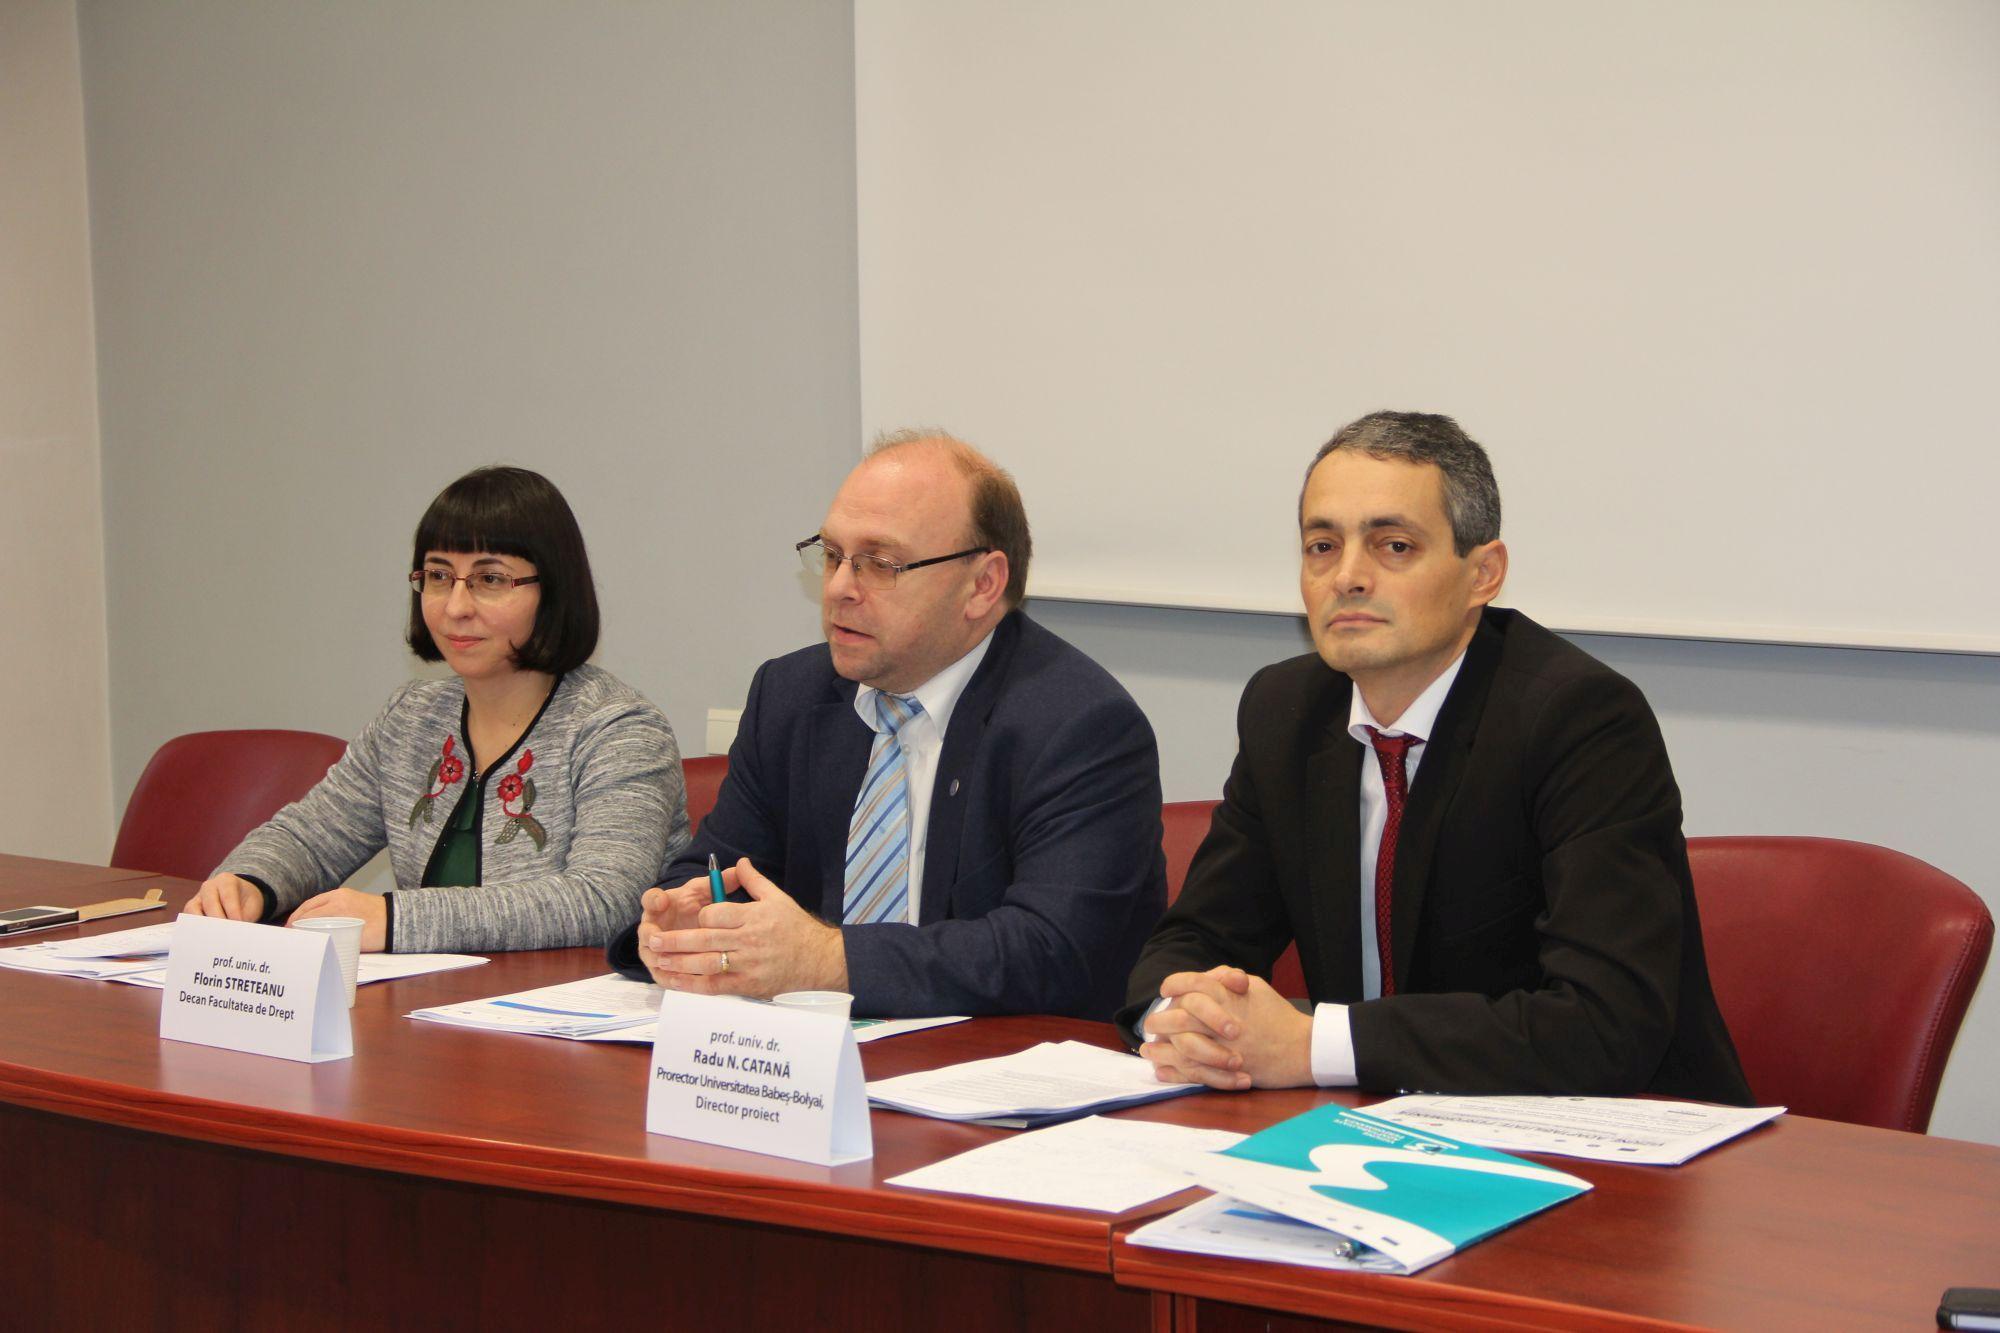 Programe de masterat în științe juridice, la Facultatea de Drept din cadrul UBB Cluj, adaptate la nevoile mediului profesional juridic și la standardele europene